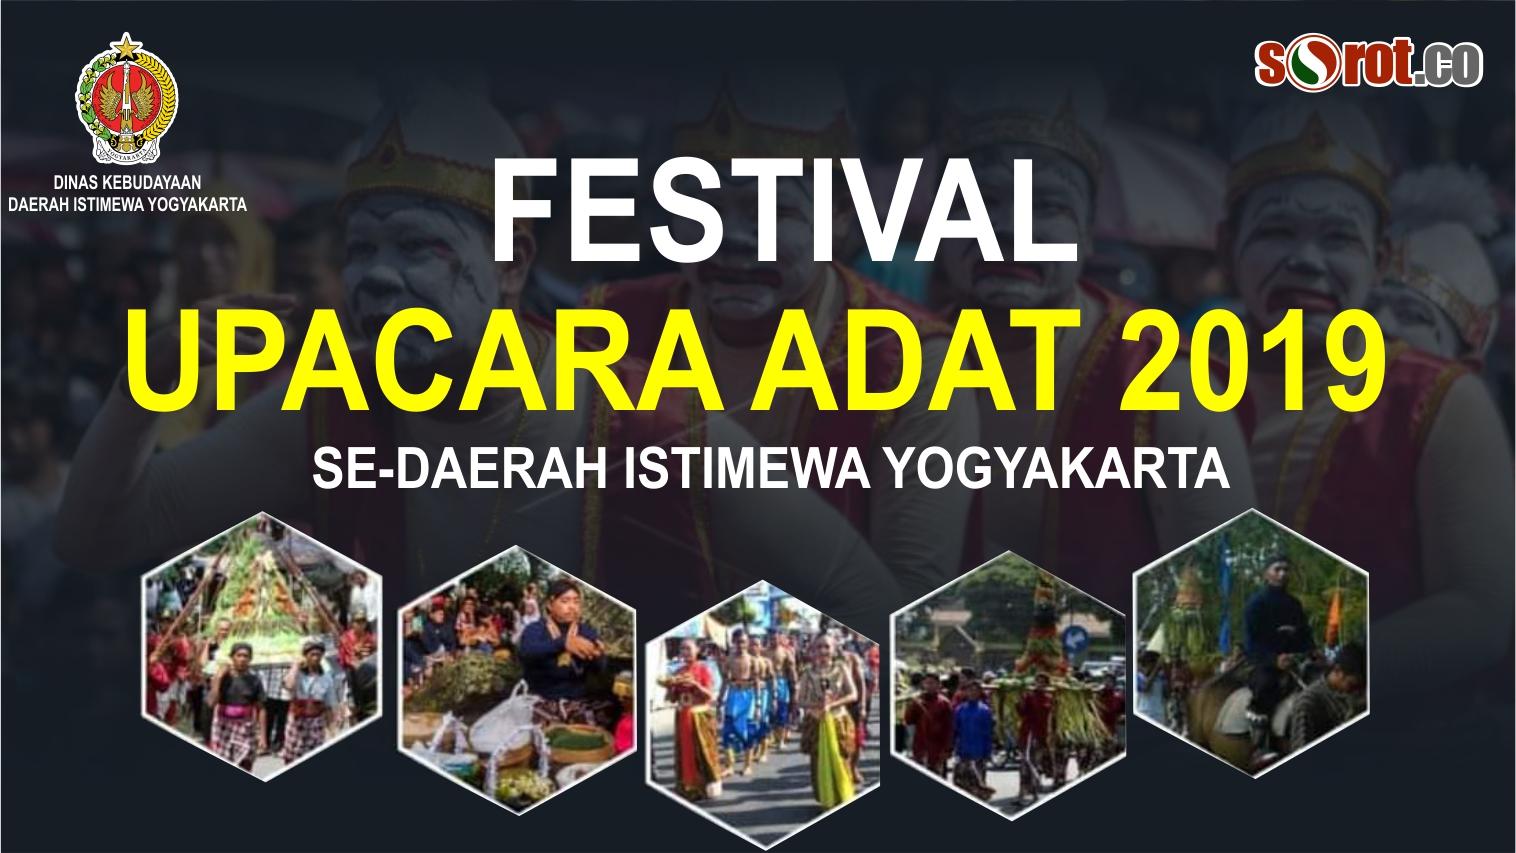 Live Streaming Festival Upacara Adat 2019 di alun-alun Wonosari, Gunungkidul